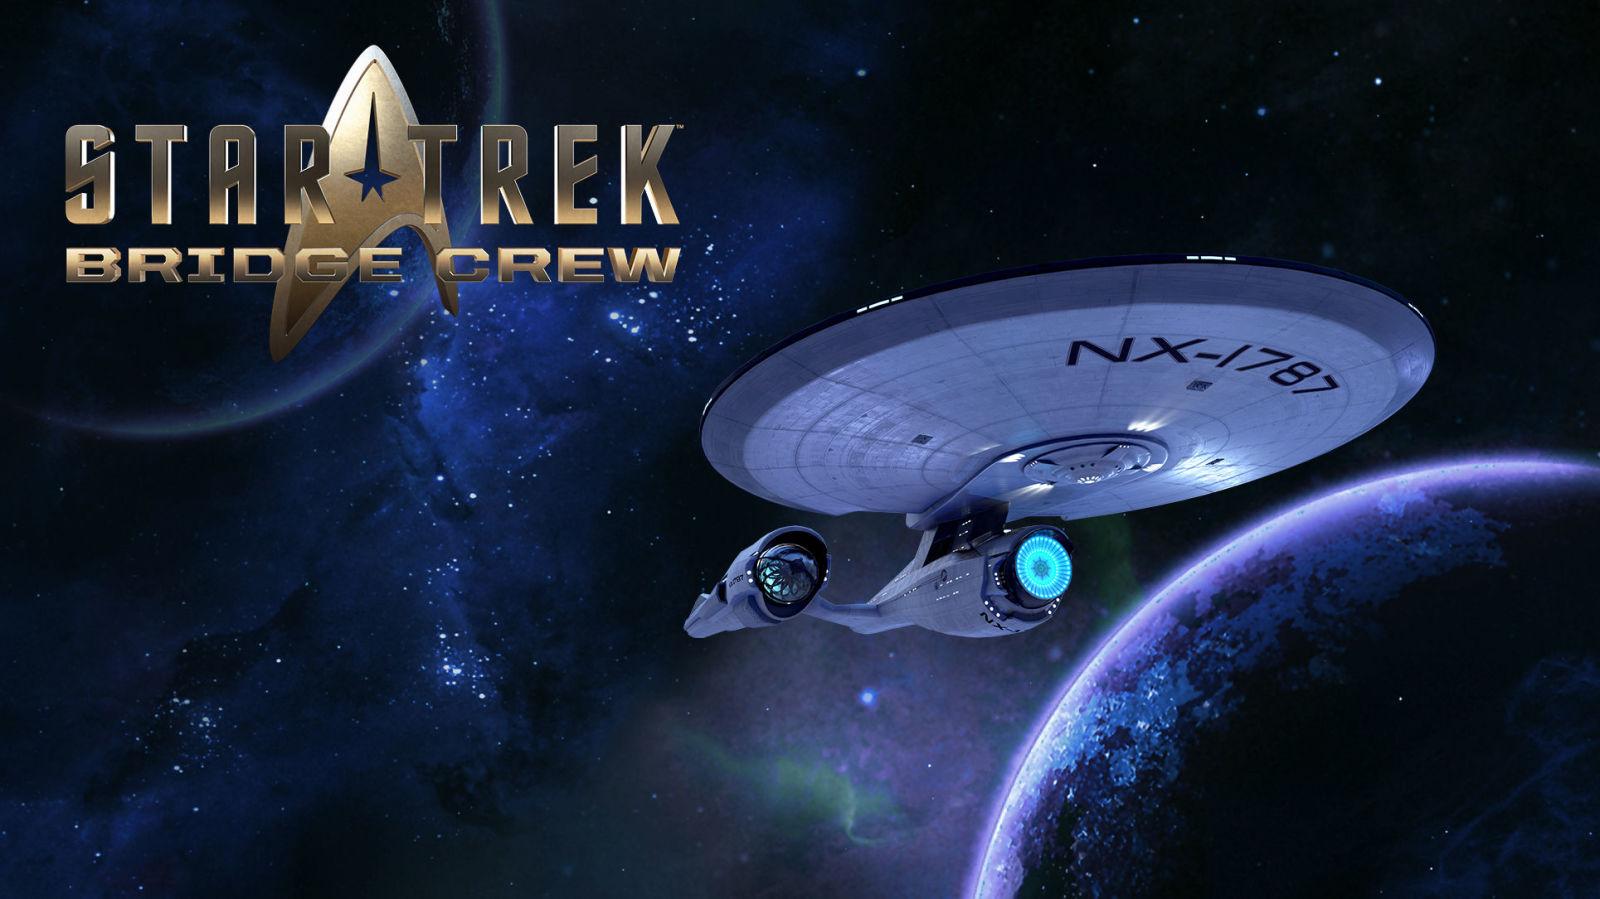 Star Trek: Bridge Crew – Star-Trek-VR-Simulation von Ubisoft angekündigt